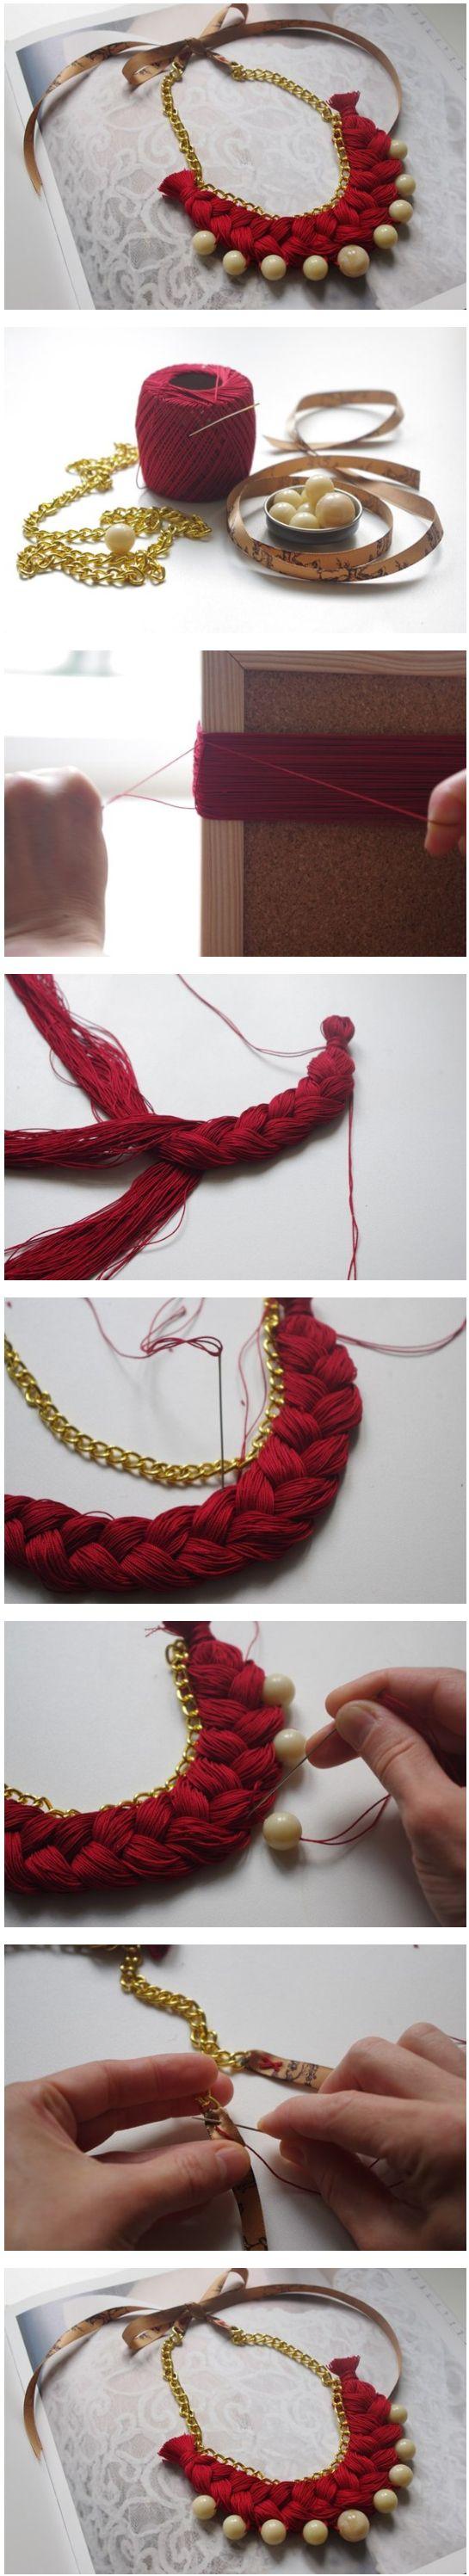 Paso a paso para hacer este hermoso collar.